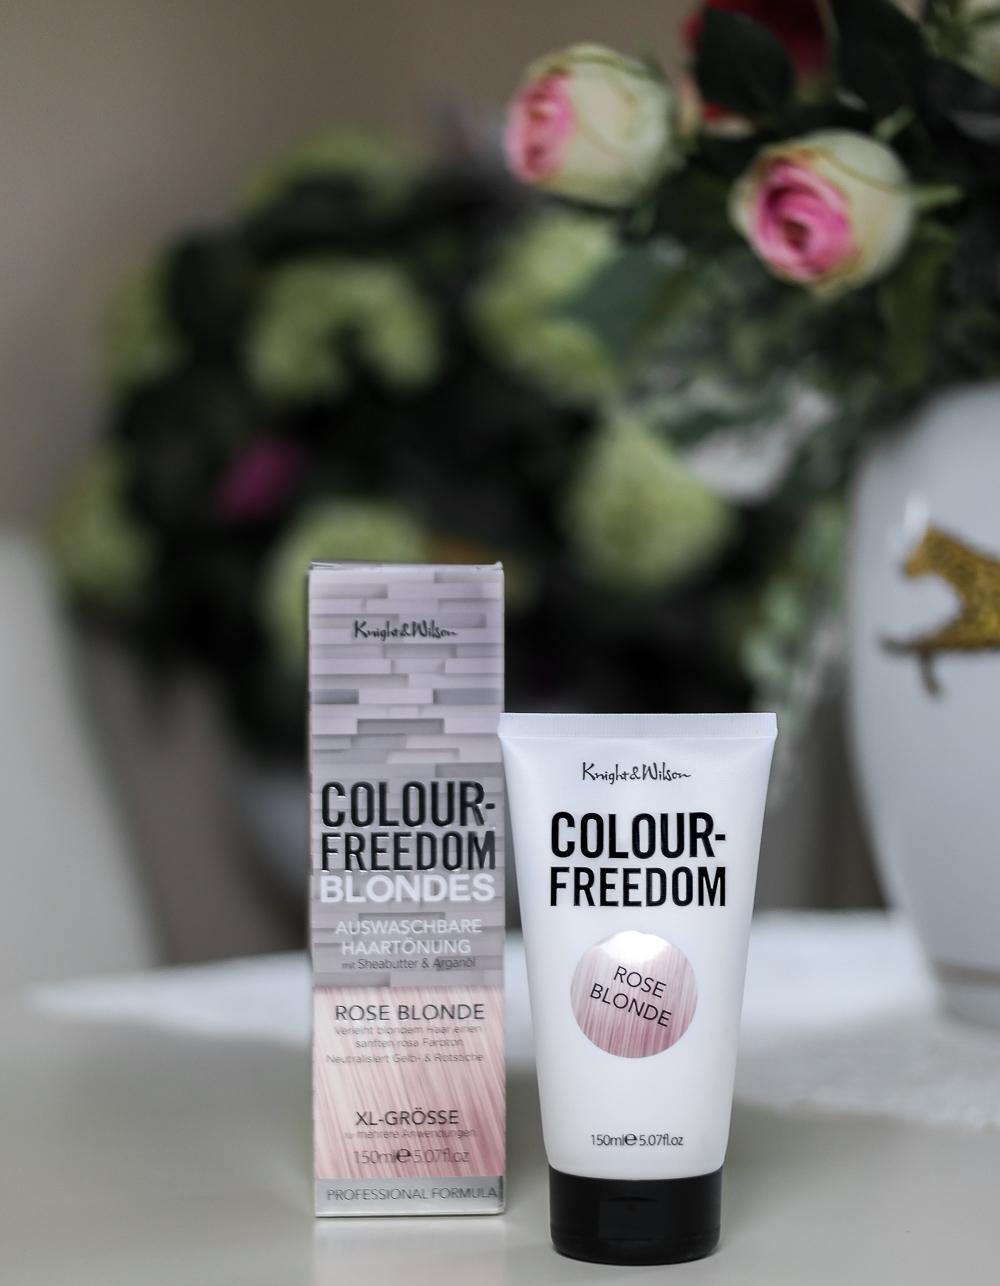 Colour-Freedom-Blonde-Rose-Blond-Rosa-Haare-färben-Haartönung-Tönung-von-Blond-auf-Rosa-färben-tönen